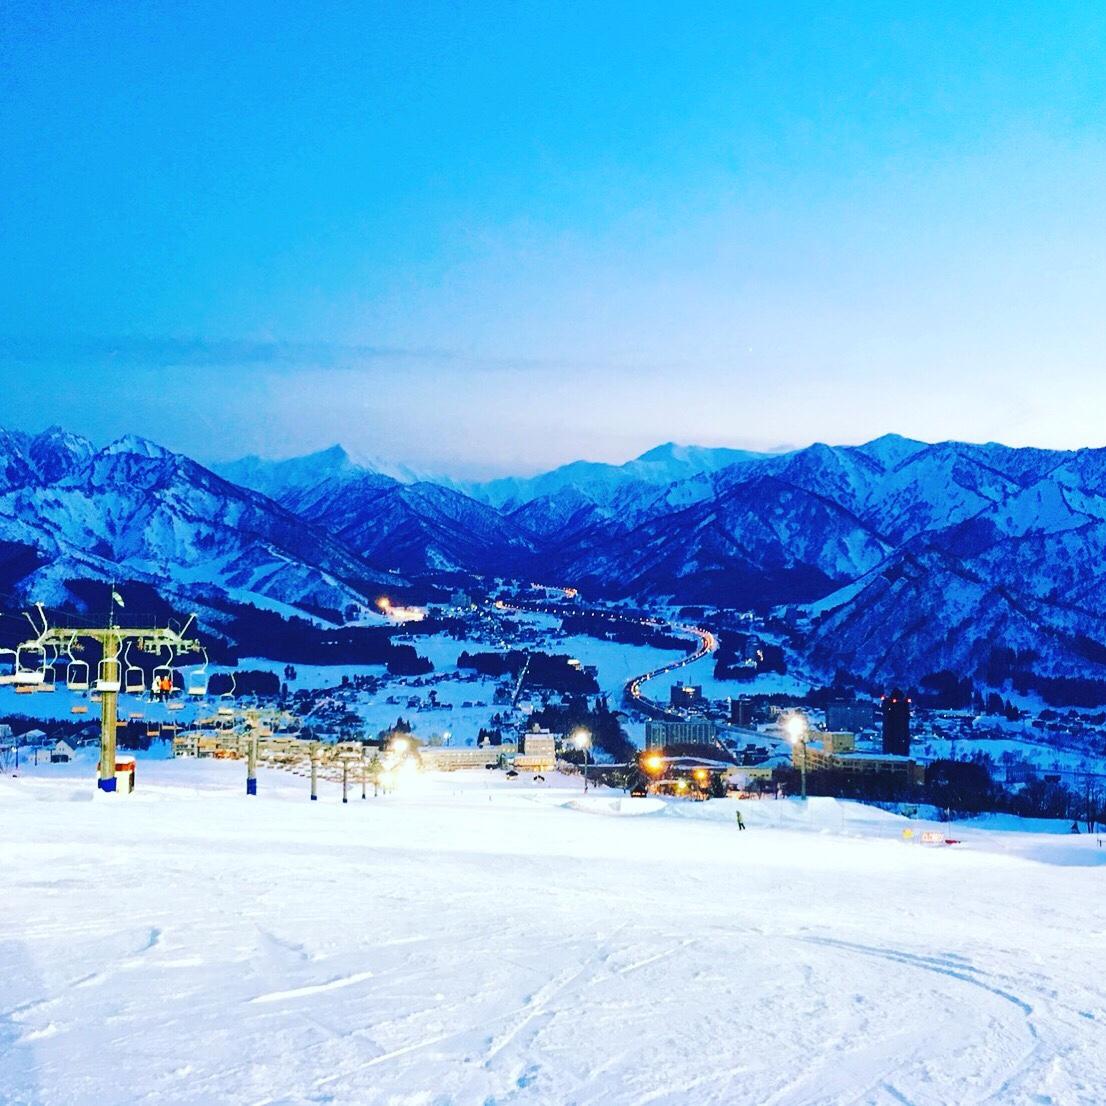 img 6576 - 越後湯沢で夜景を楽しむなら「岩原スキー場」がオススメ